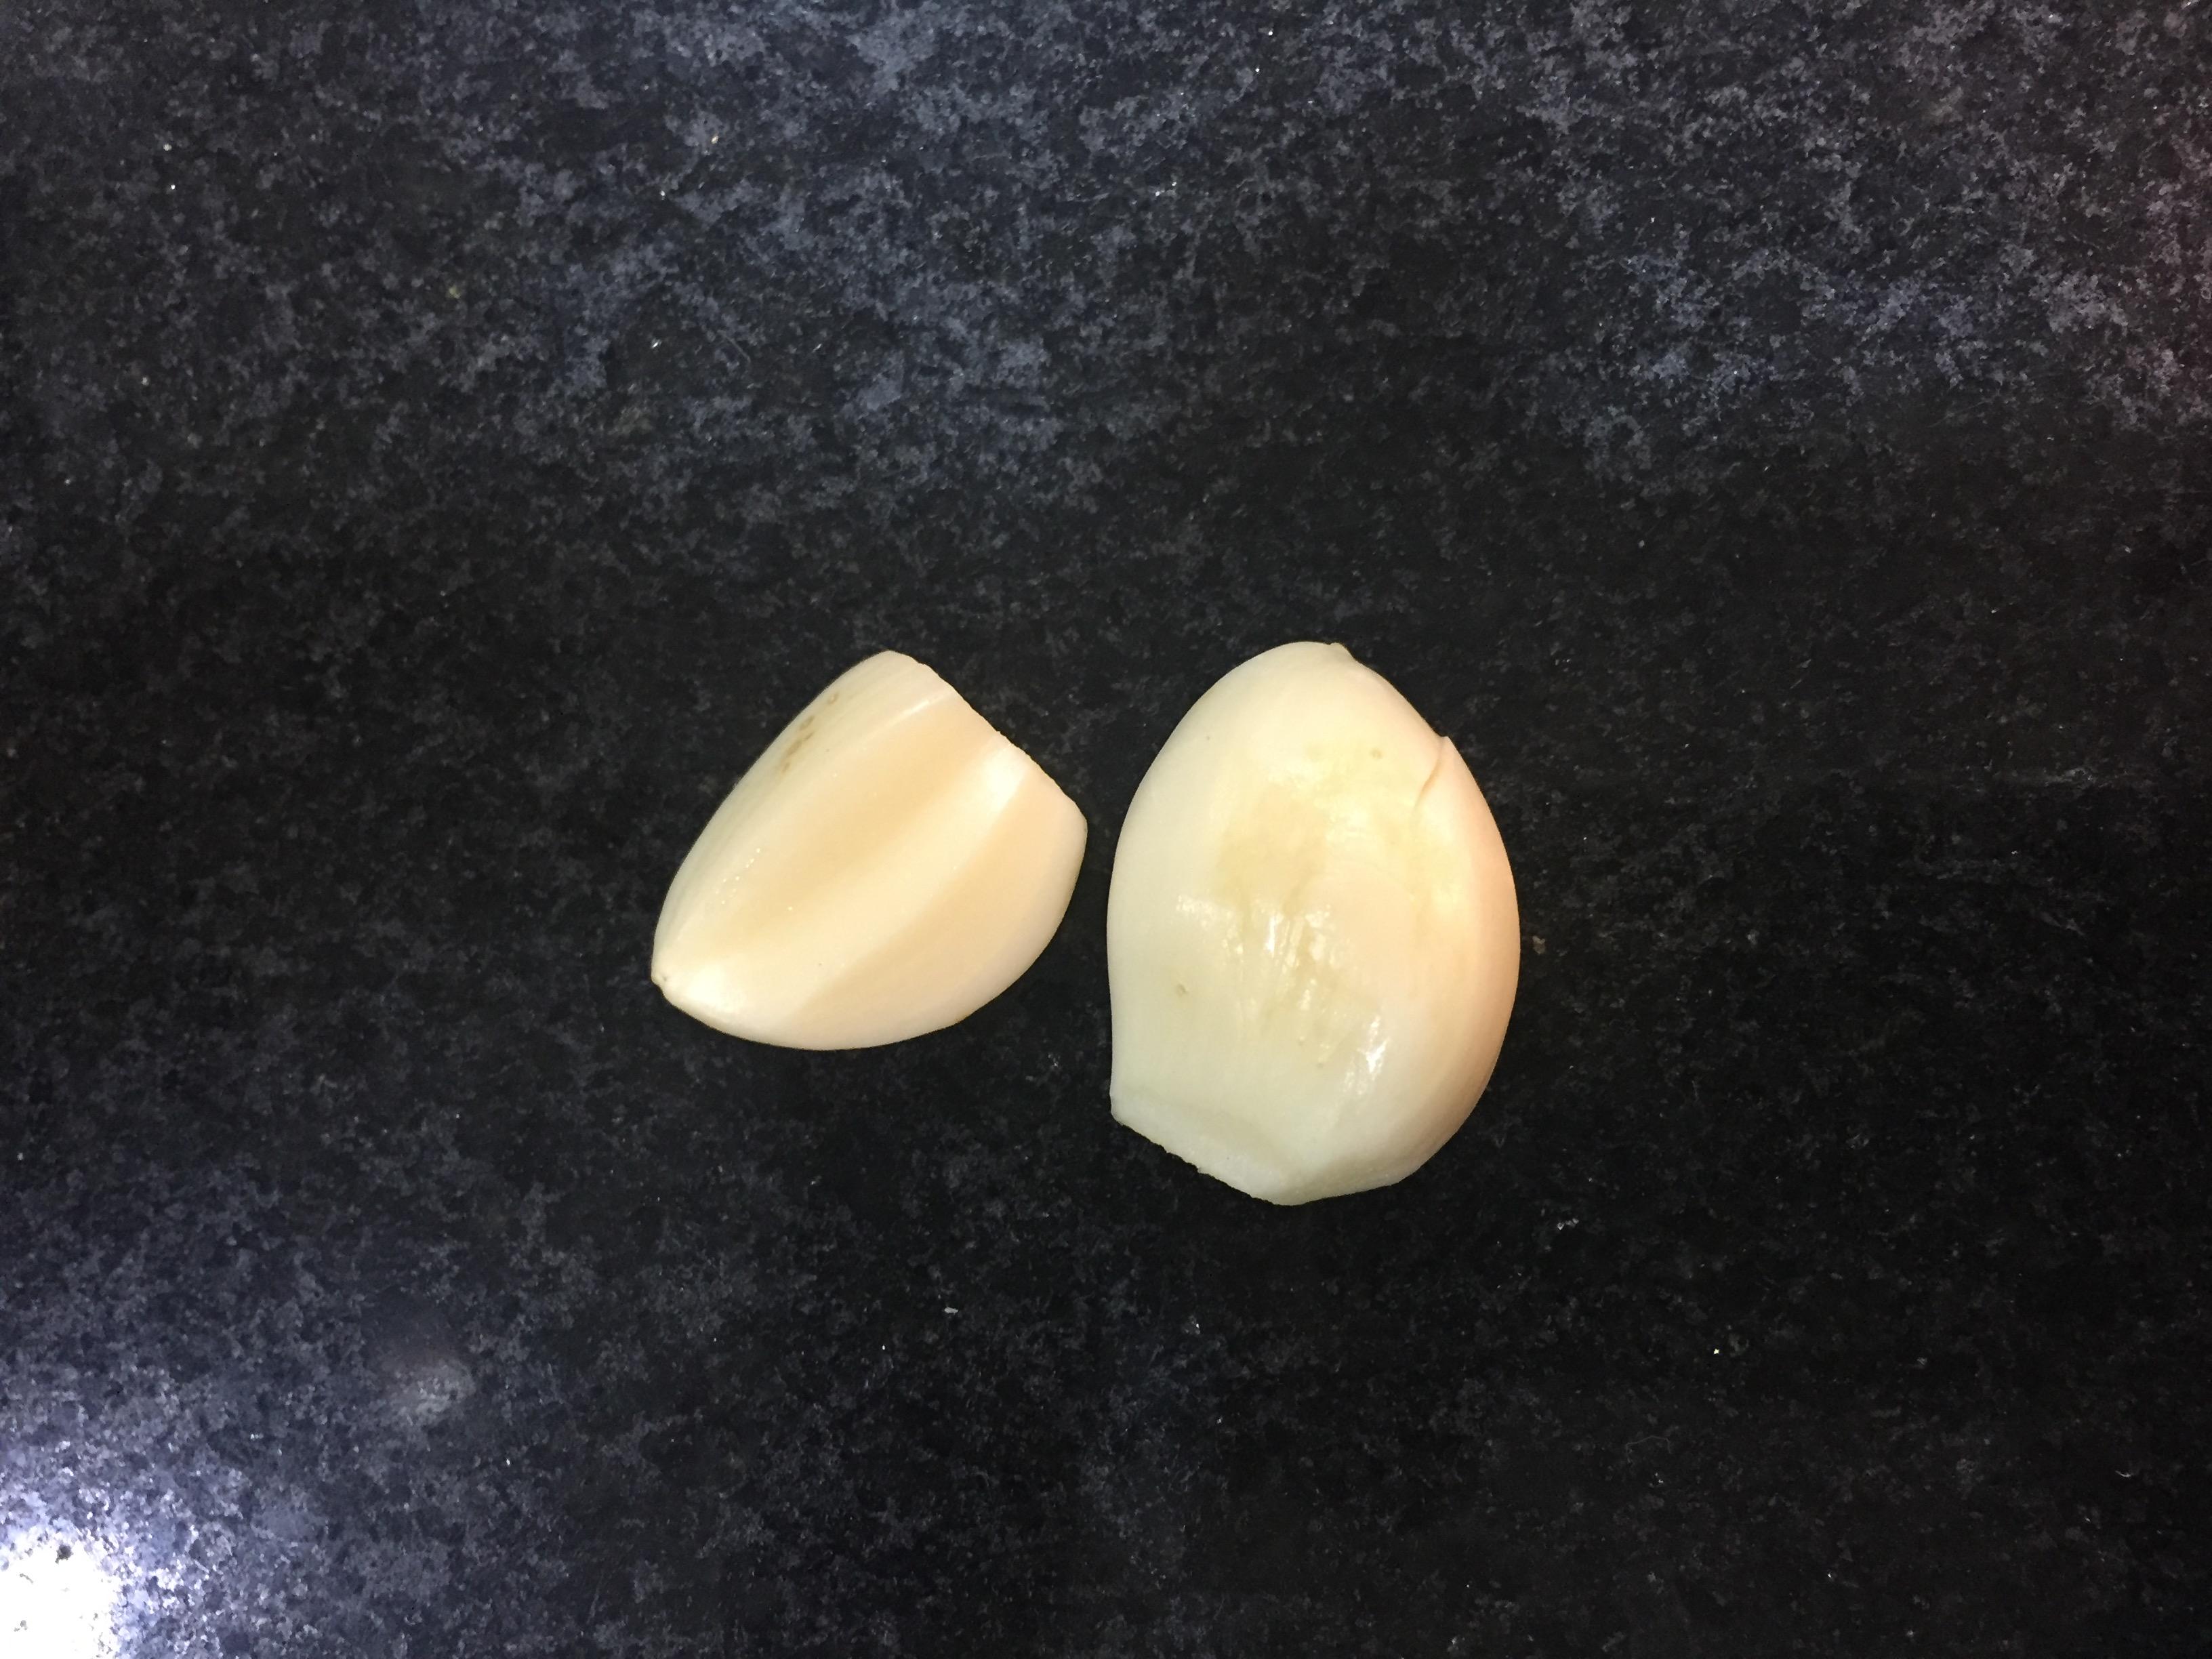 2 dentes de alho (usei um)